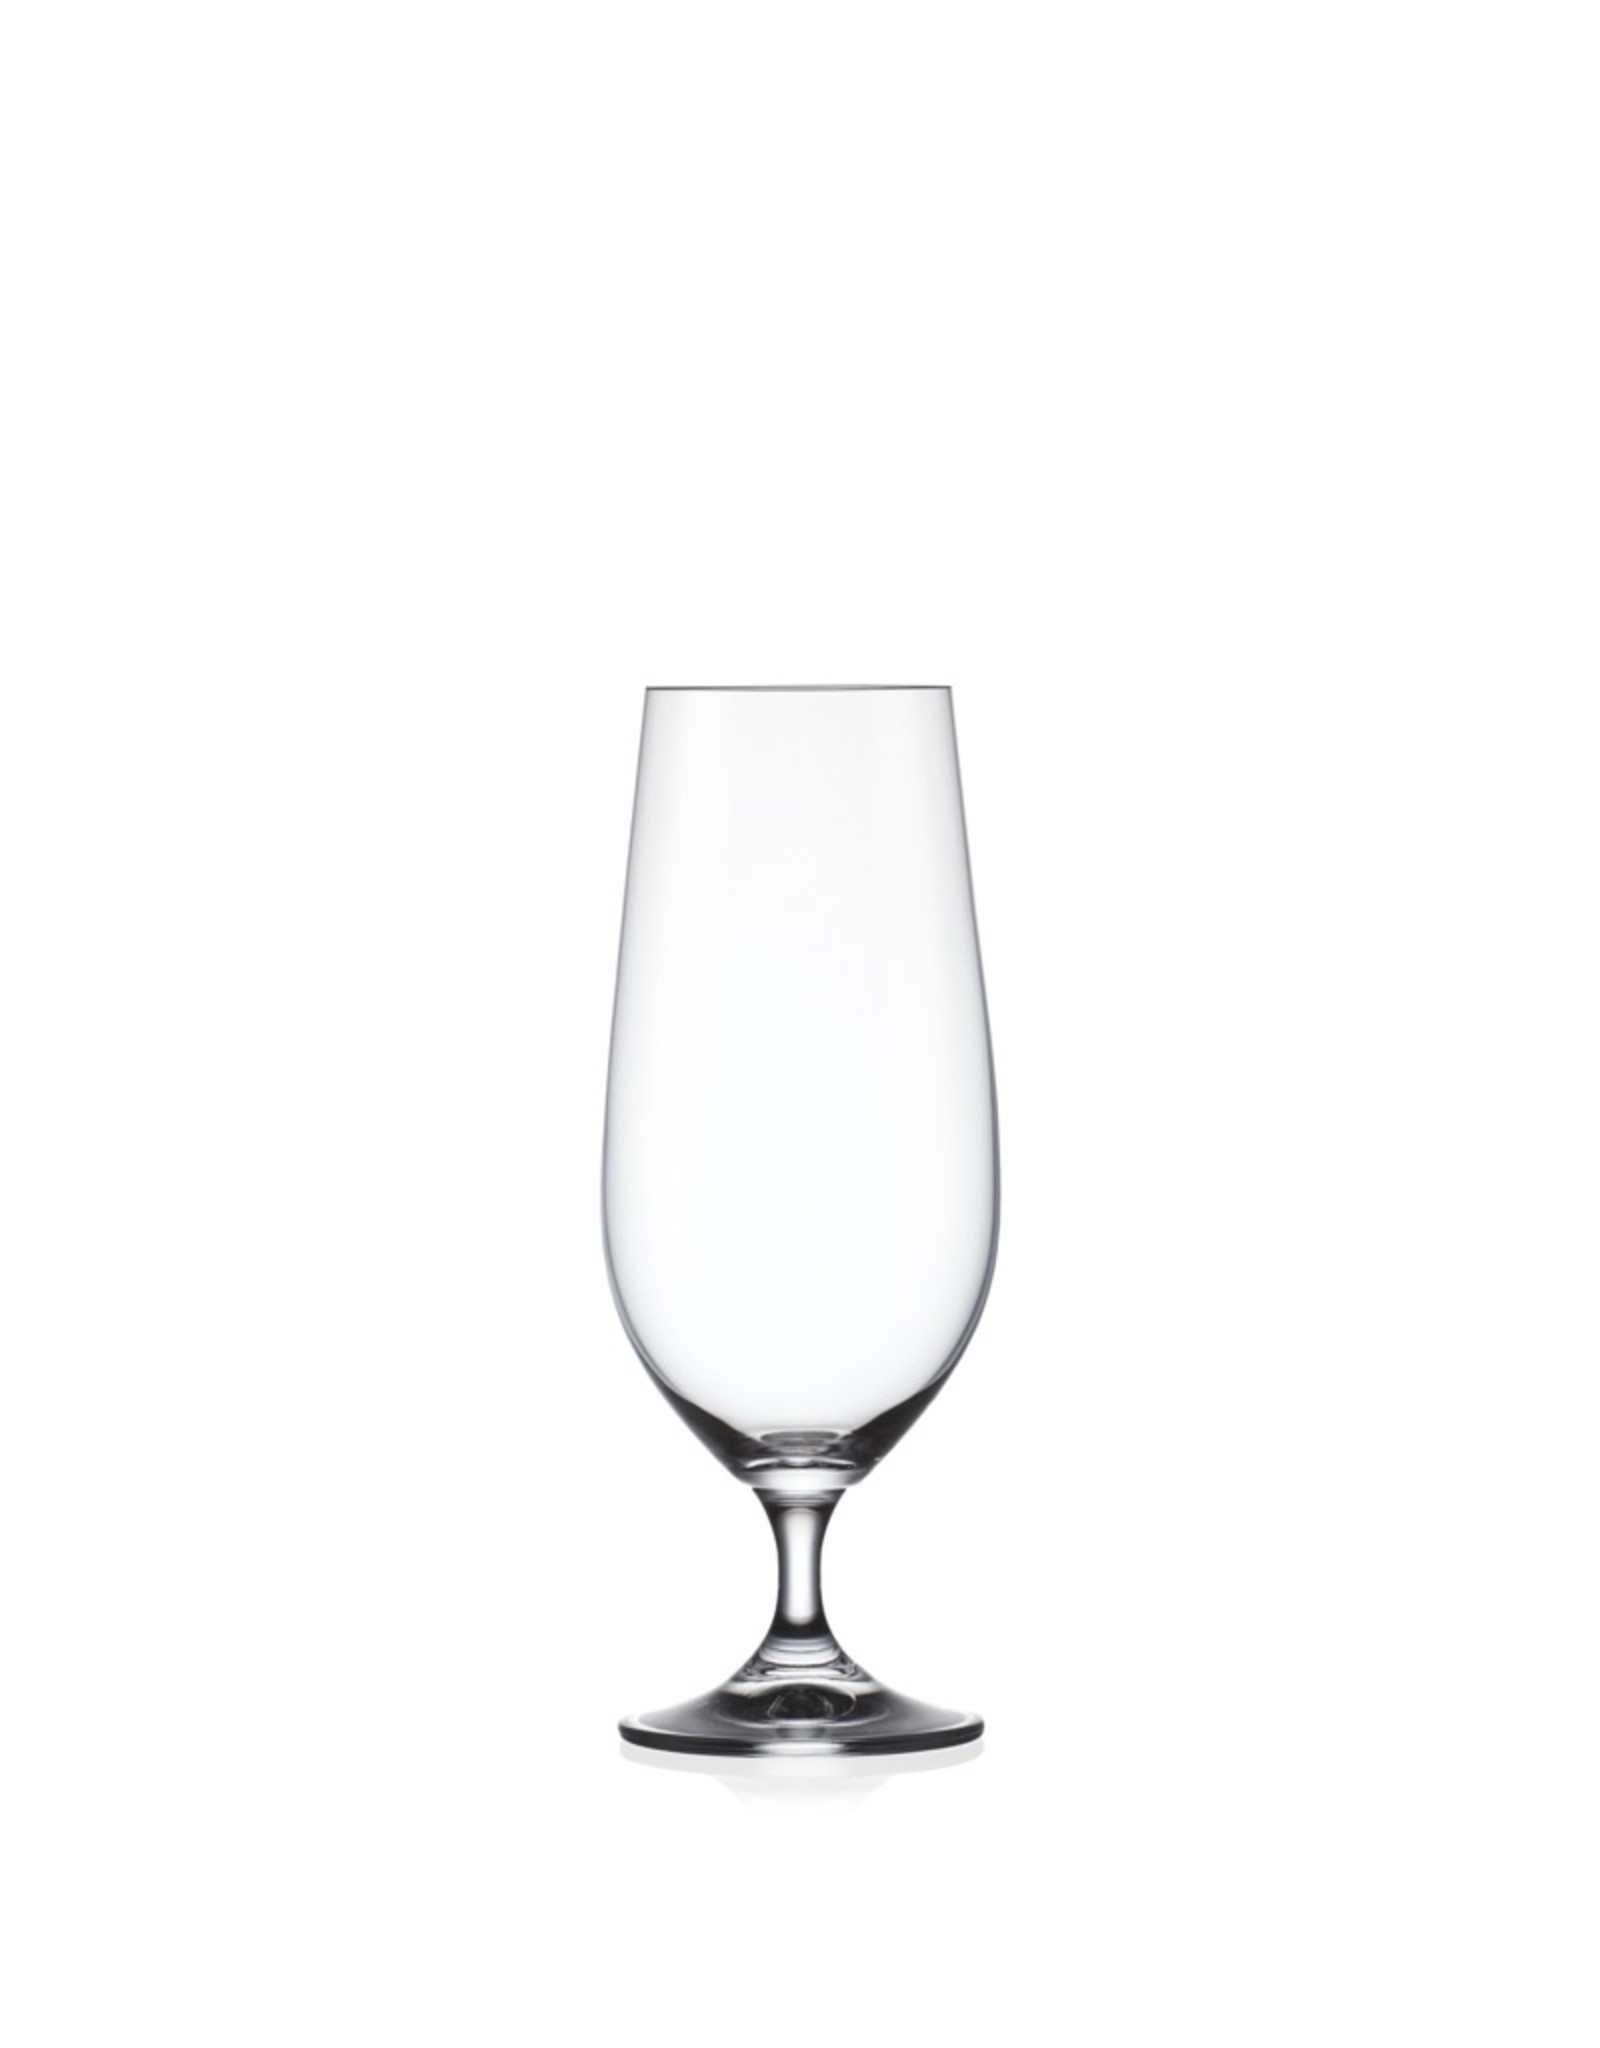 Crystalex Kristallen bierglas Lara 380ml /6st